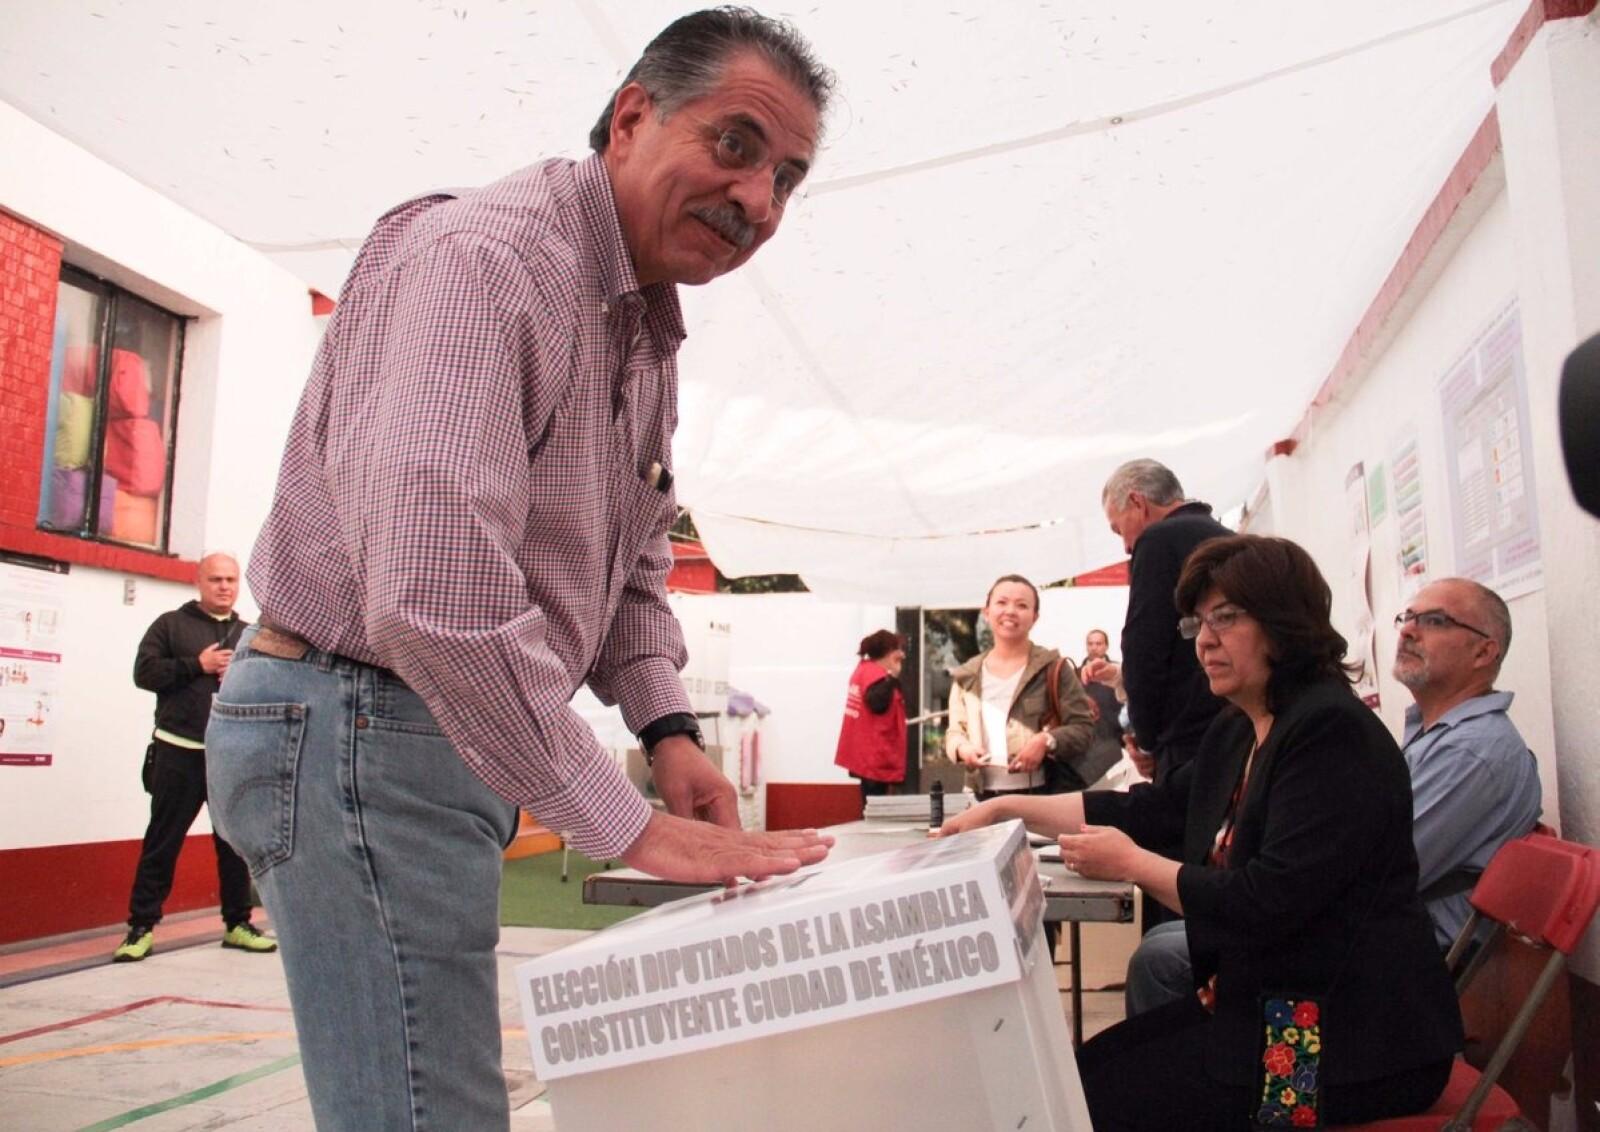 El expresidente el PRD y actual coordinador de Nueva Izquiera, Jesús Ortega votó en la Ciudad de México para elegir a los diputados de la Asamblea Constituyente y resaltó la importancia del proceso que dará como resultado la primera Constitución de la CDMX.